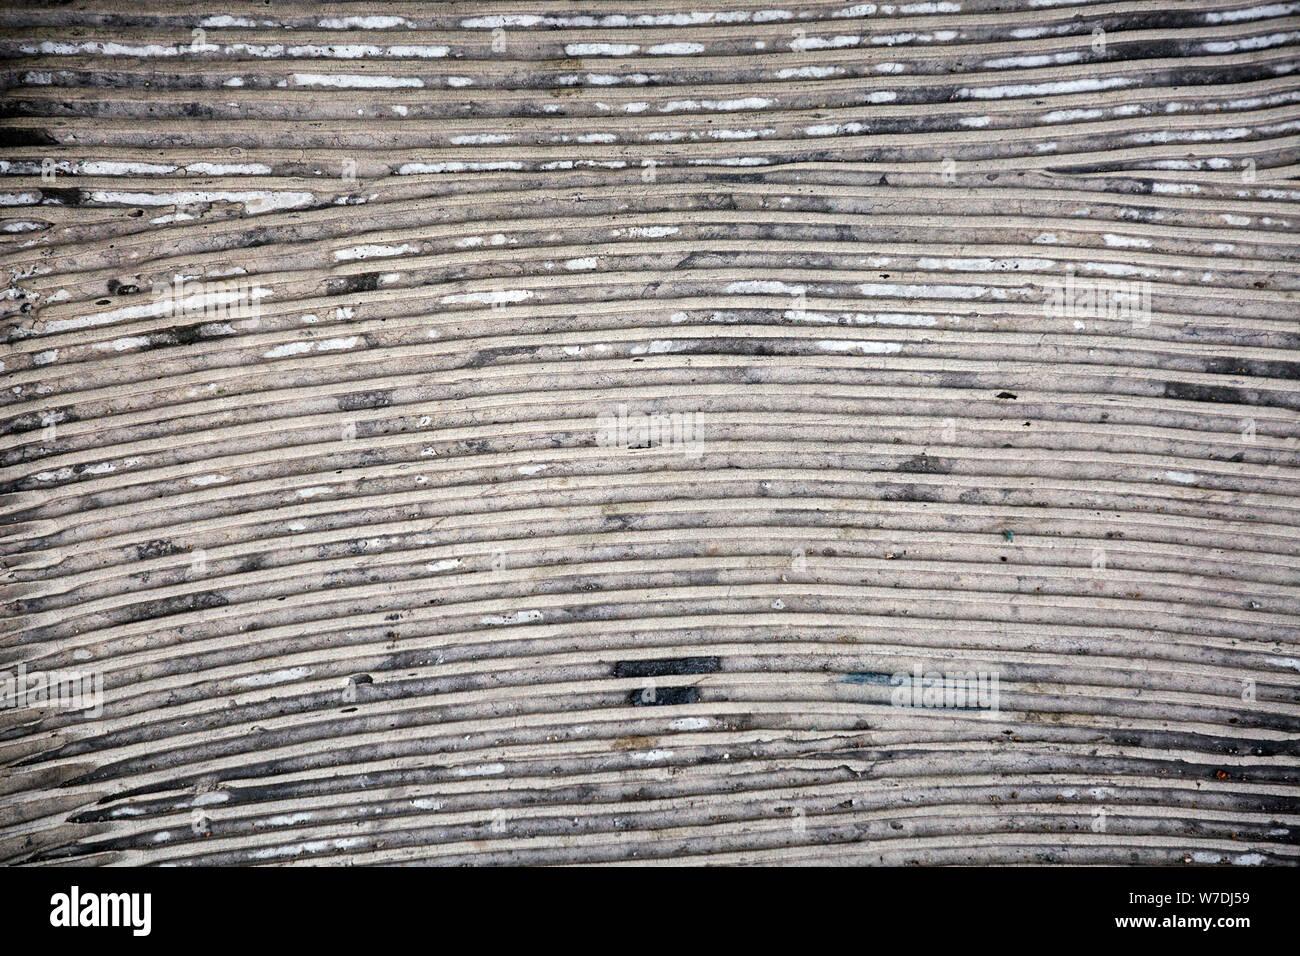 Antecedentes varias texturas 066 Foto de stock